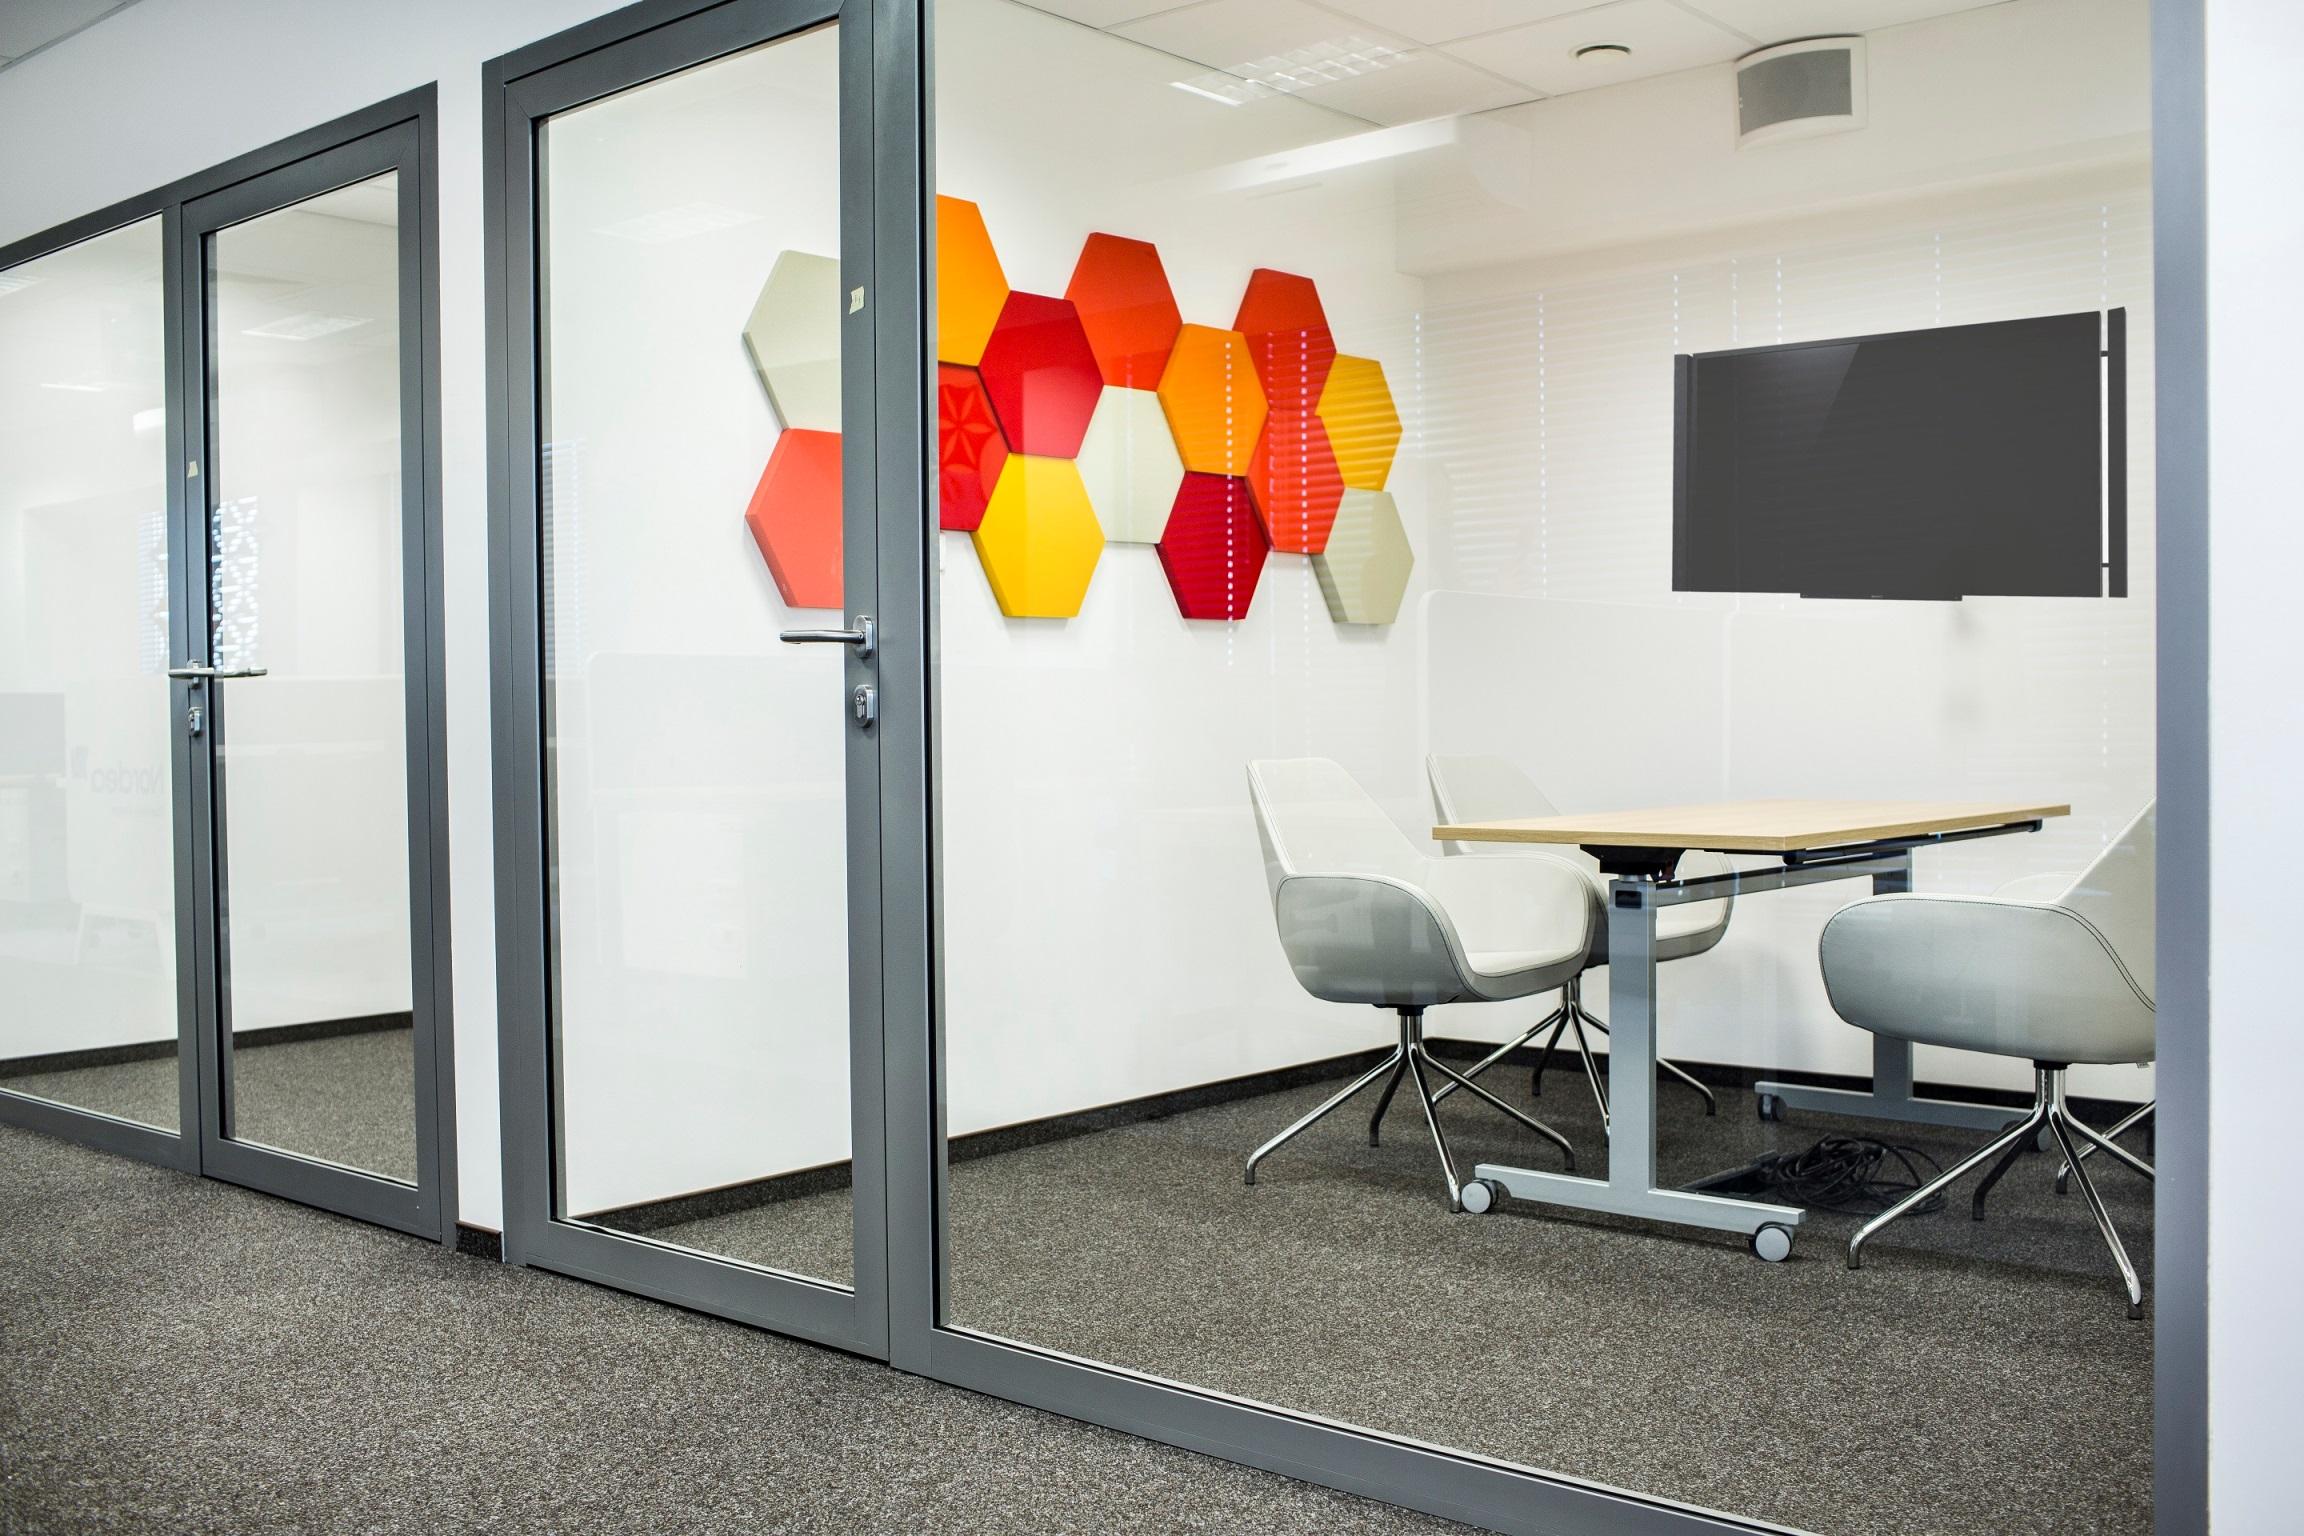 Wdrażaniu modelu activity based workplace powinno towarzyszyć dokładne przyjrzenie się oczekiwaniom zespołu. (Fot. Mikomax)